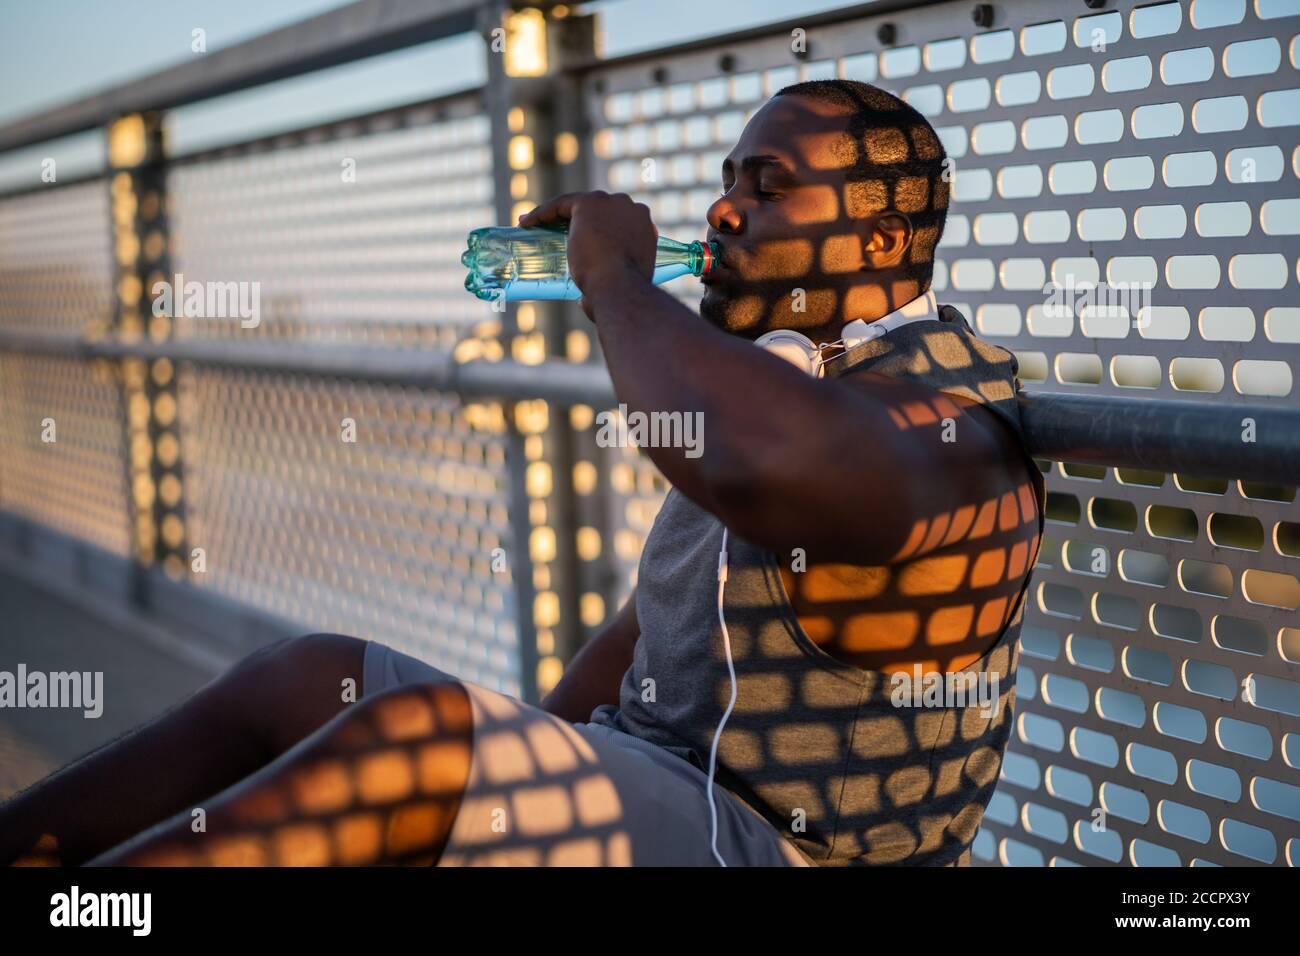 Der junge afroamerikanische Mann trainiert auf der Brücke in der Stadt. Stockfoto